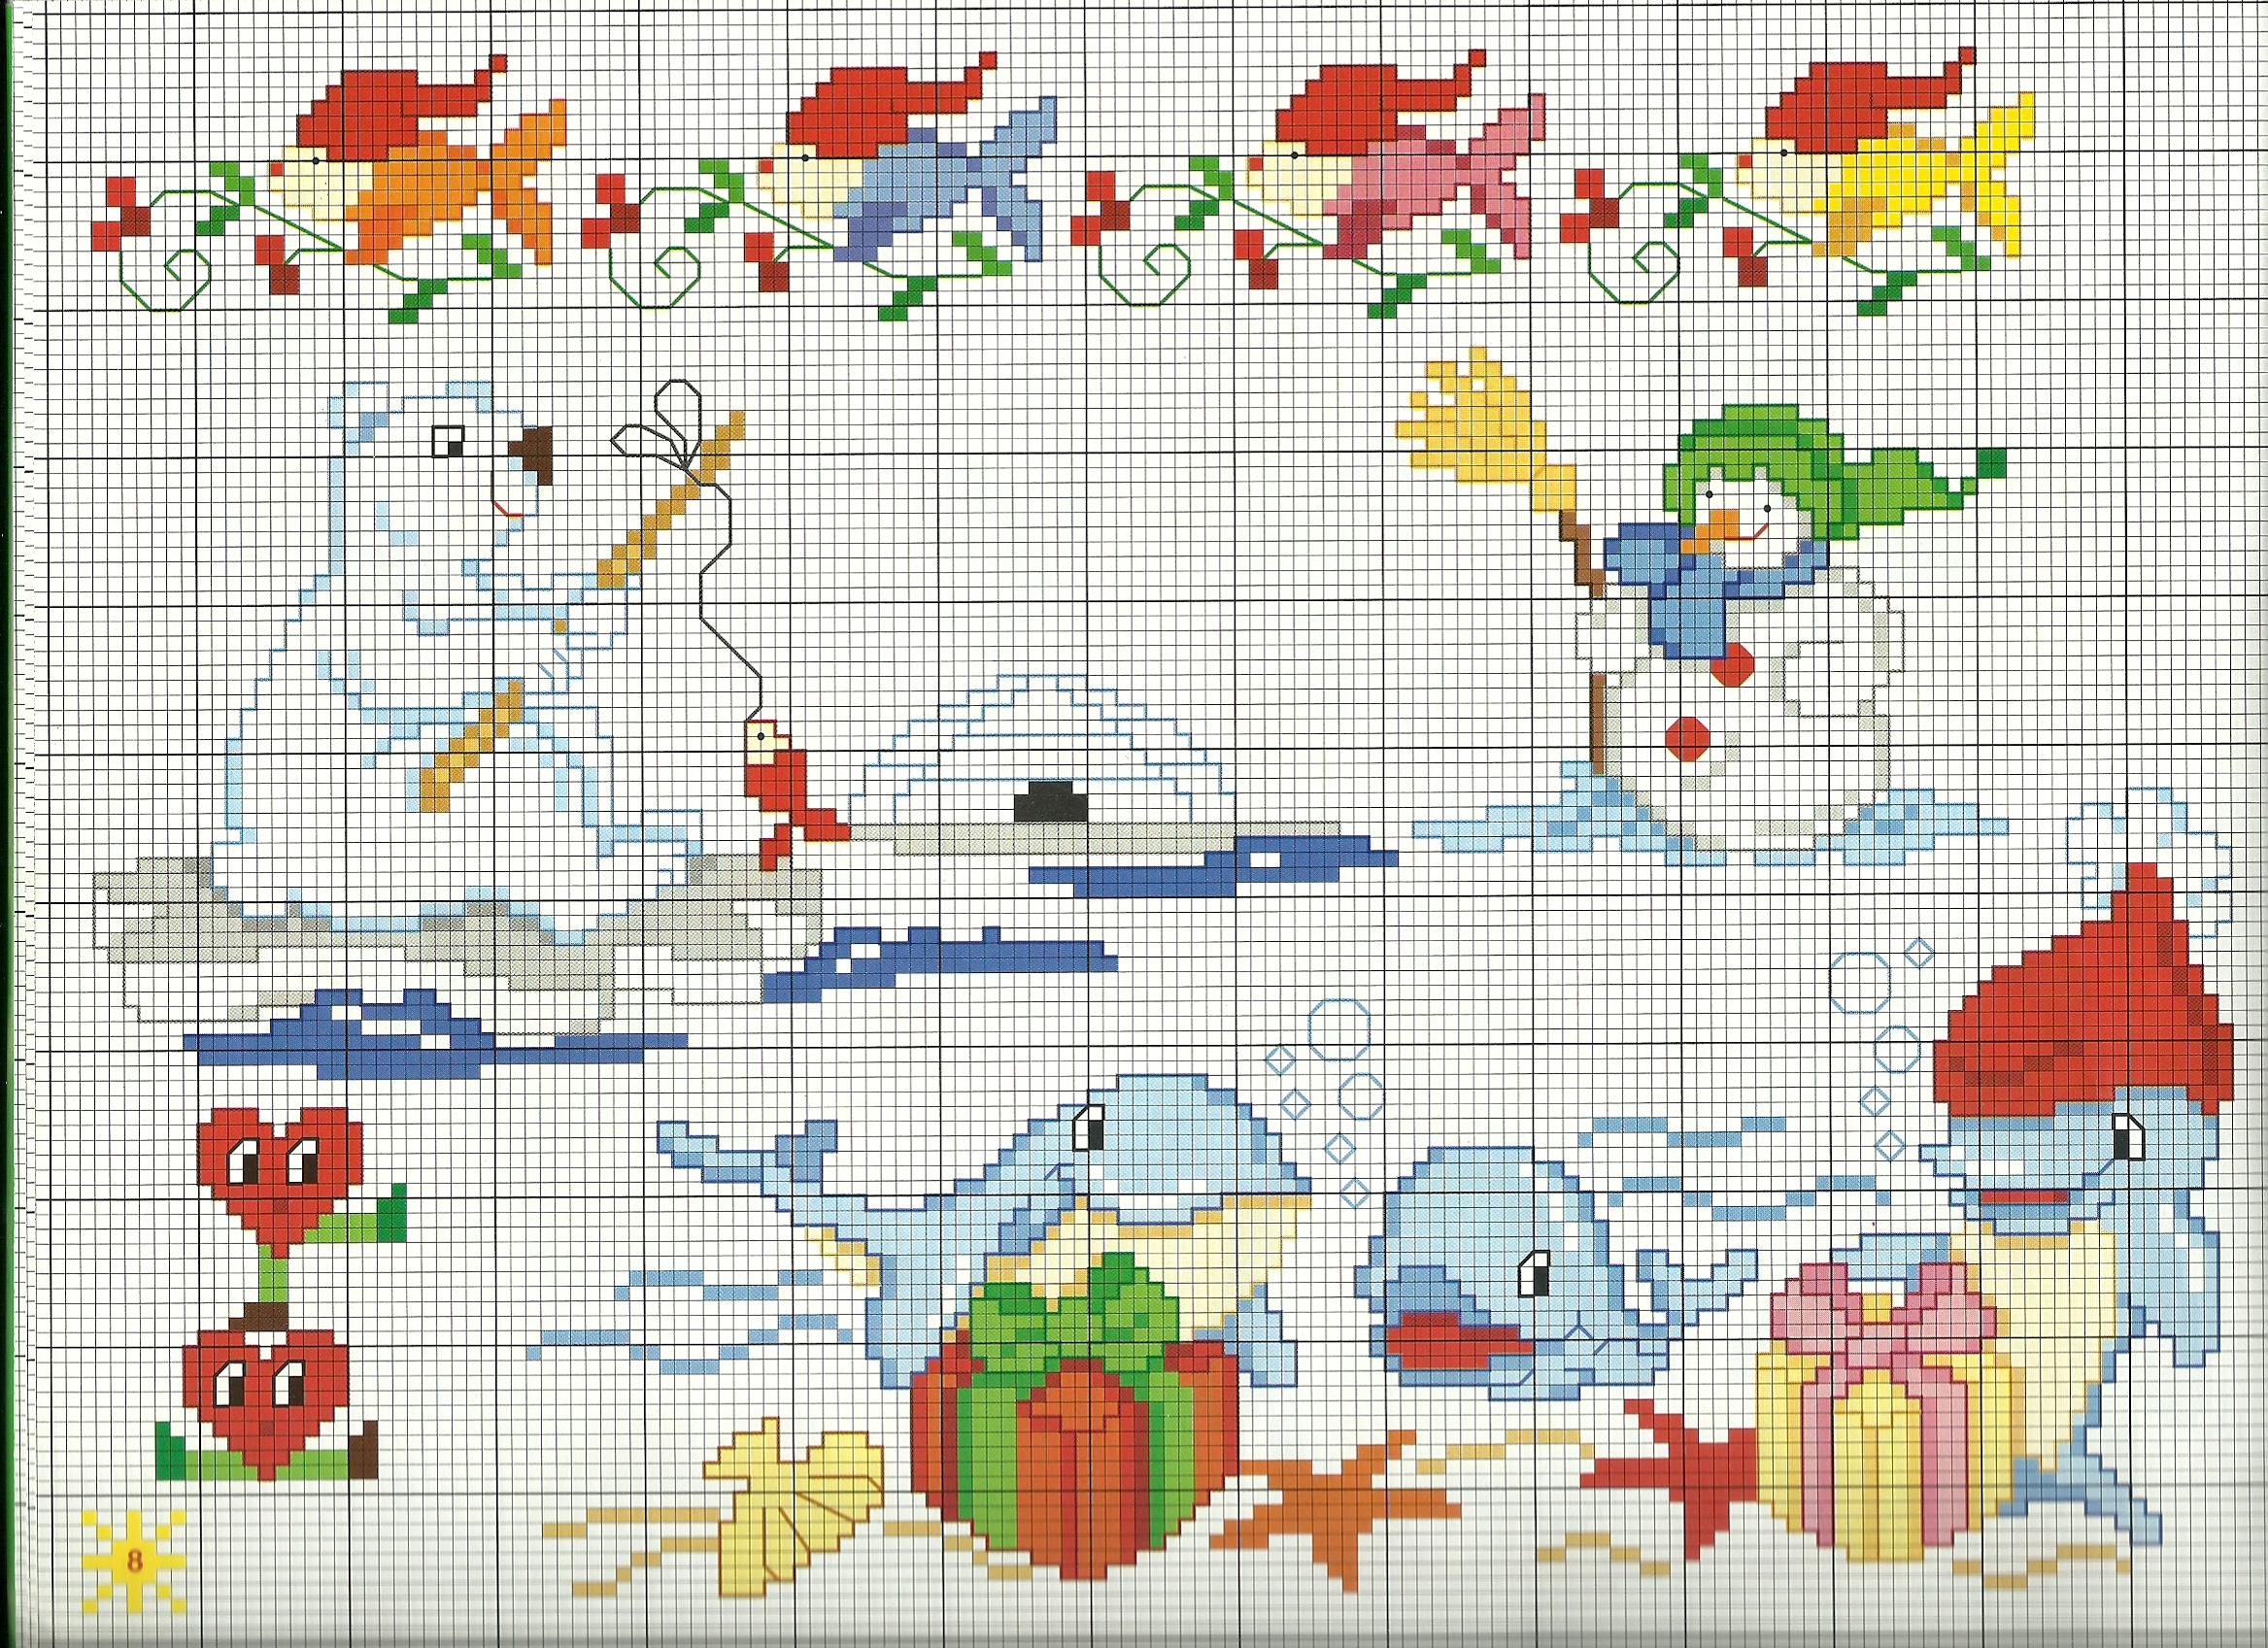 Schemi Elettrici Per Bambini : Bambini animali orso pesca magiedifilo punto croce